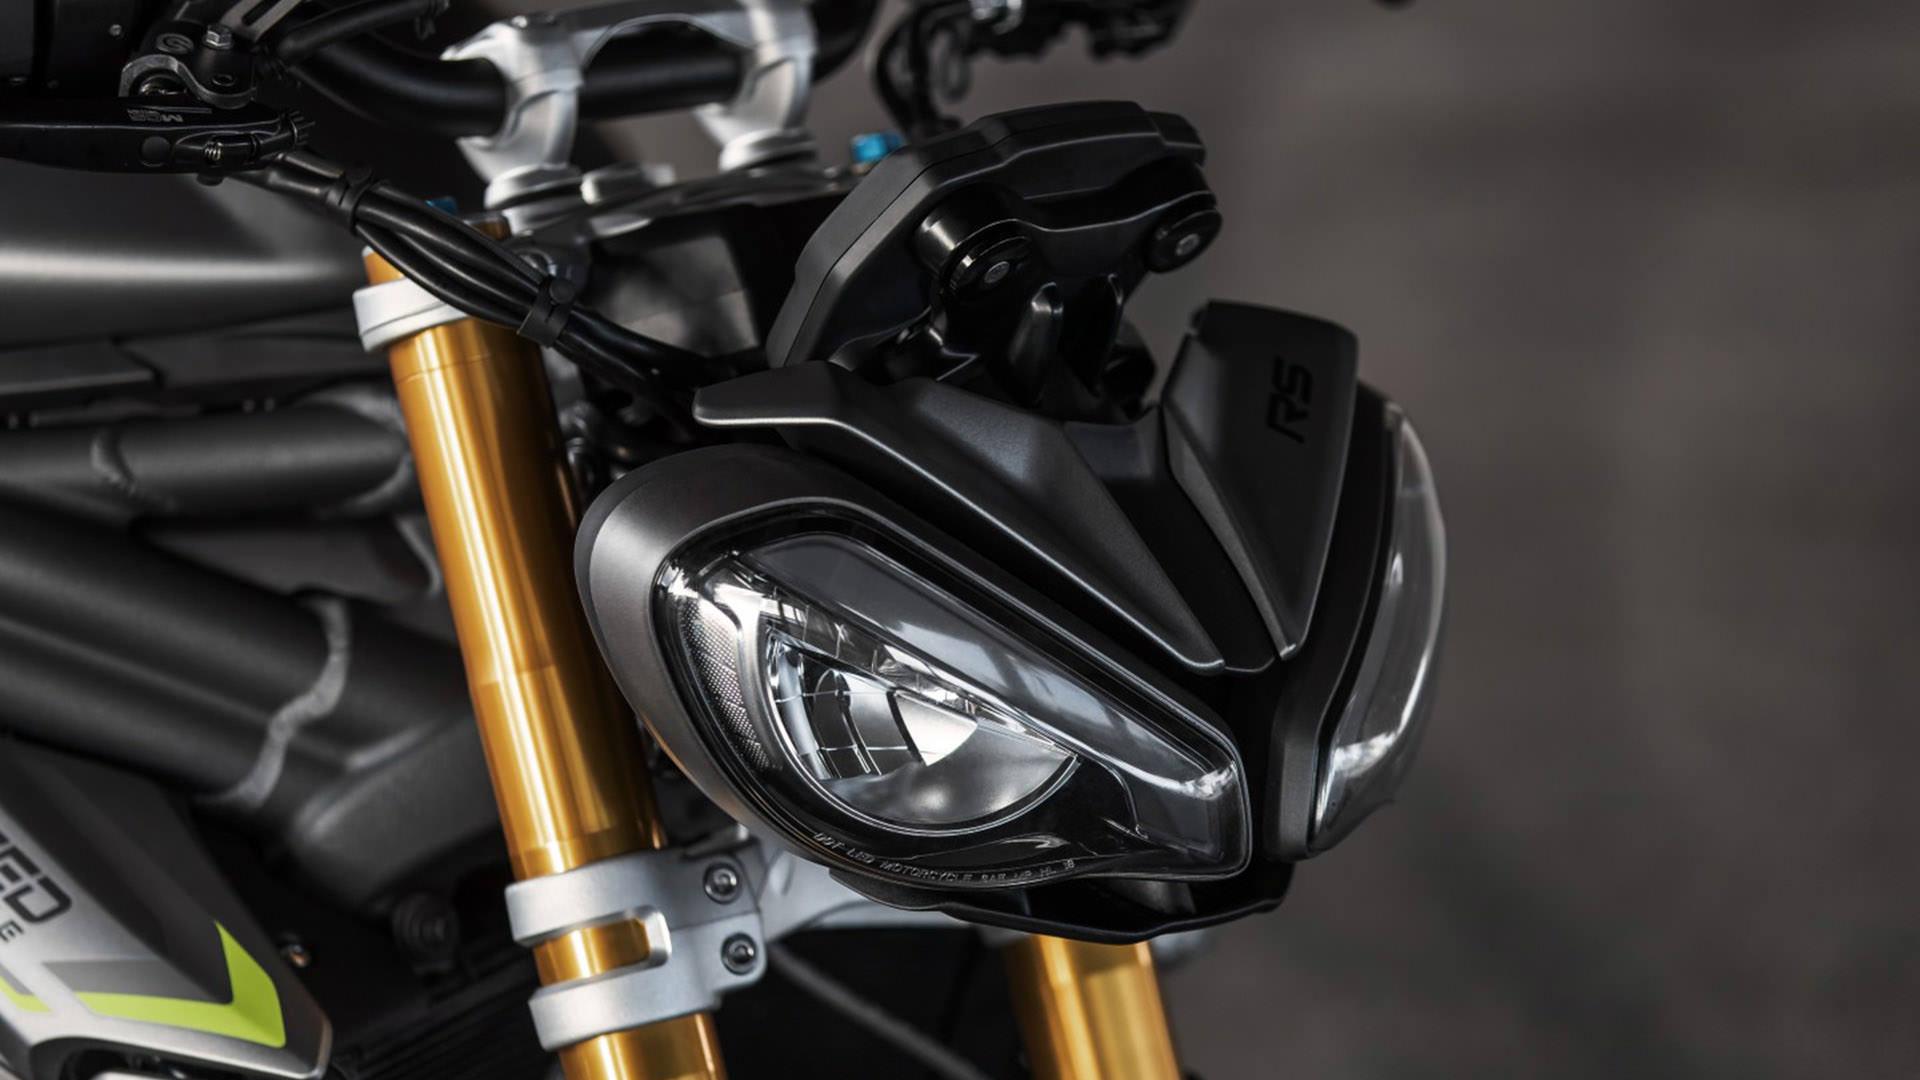 قدرتمندترین نسخه موتورسیکلت تریومف اسپید تریپل معرفی شد